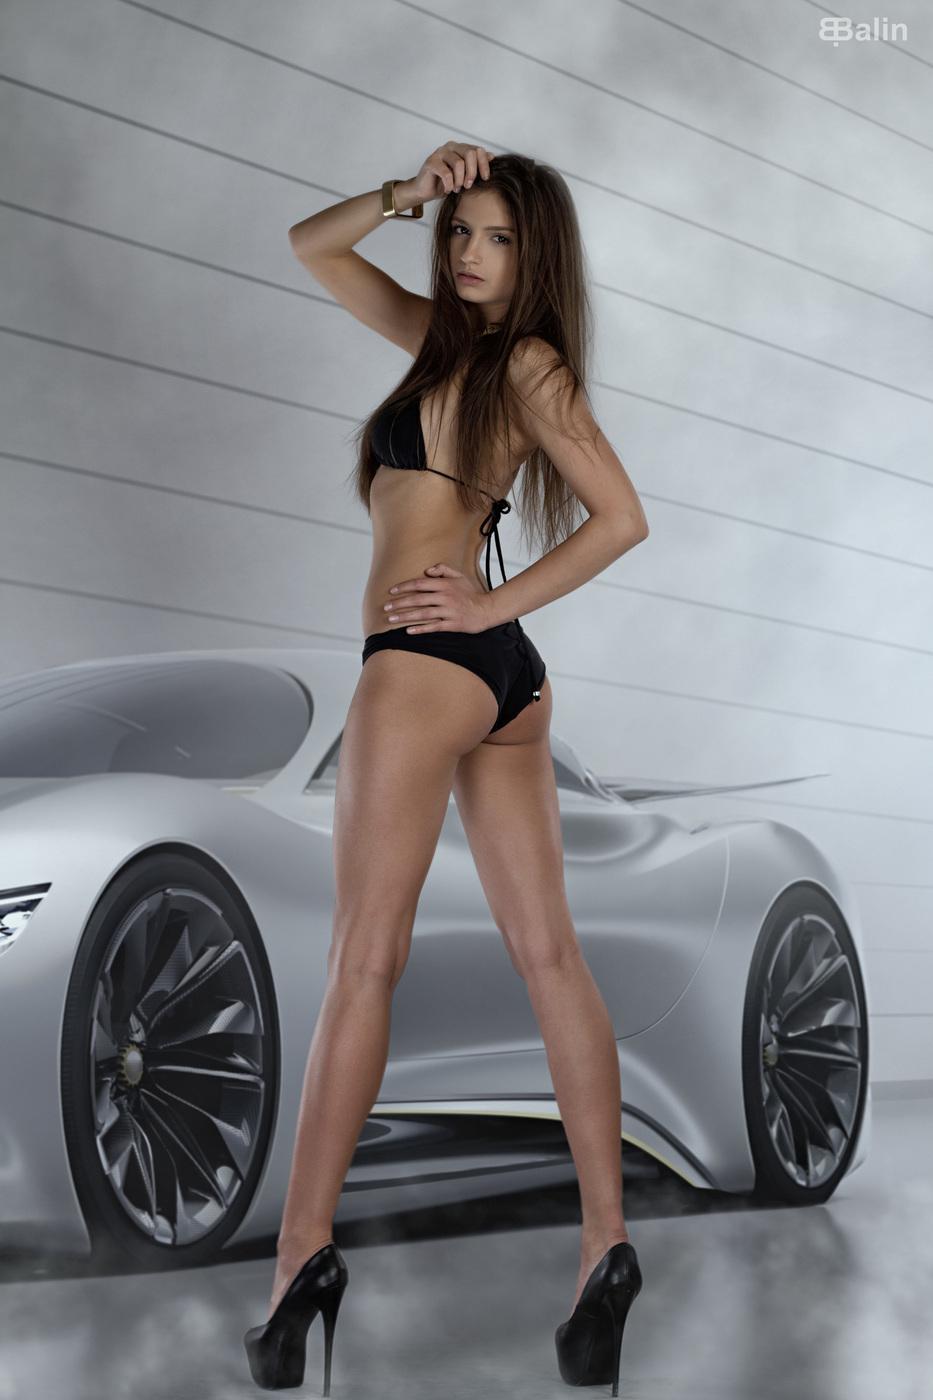 девушки и автомобили girls and cars 125.jpg